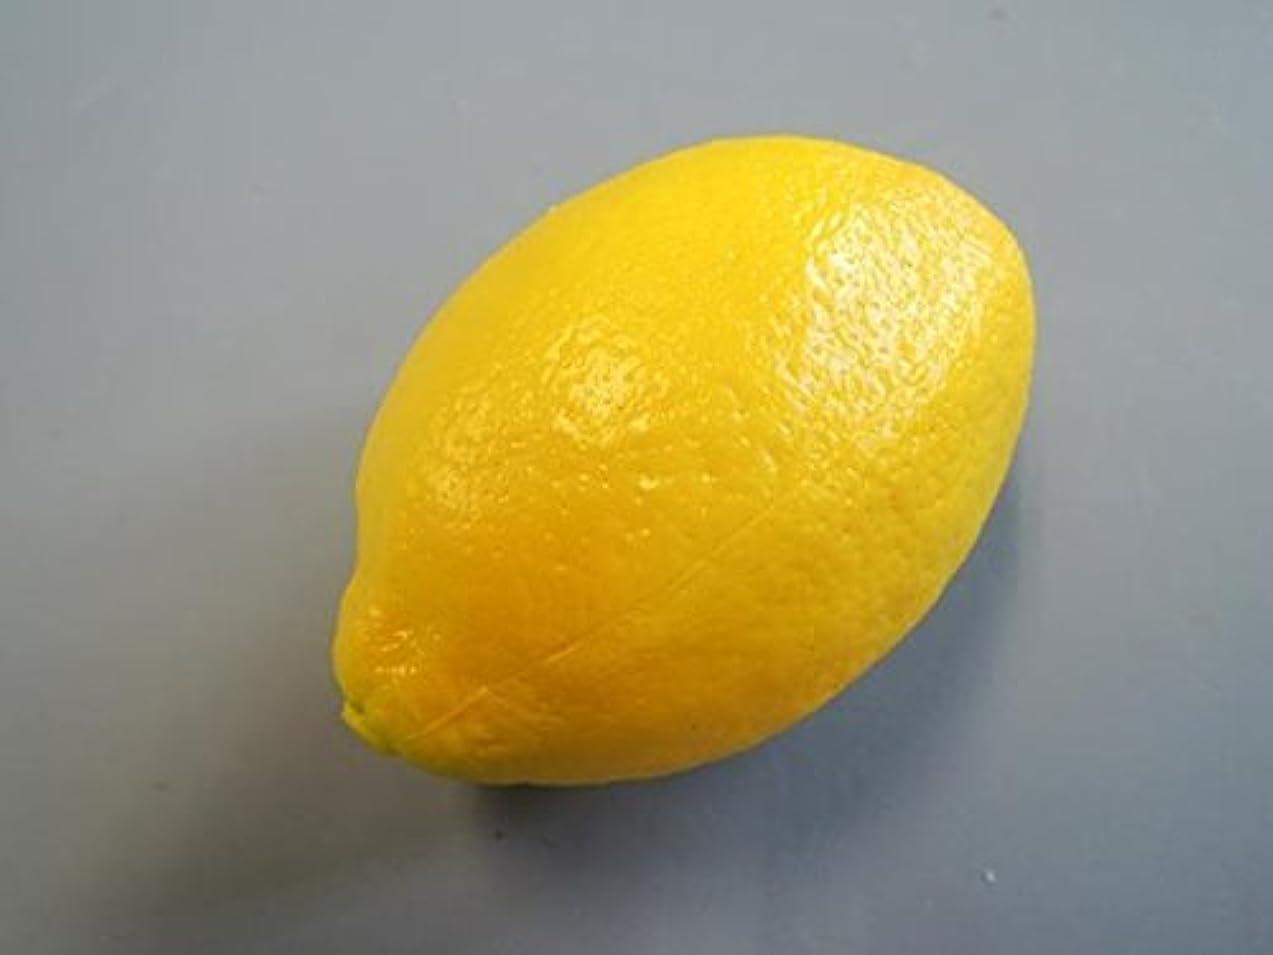 憲法葡萄検索日本職人が作る 食品サンプル レモン IP-352